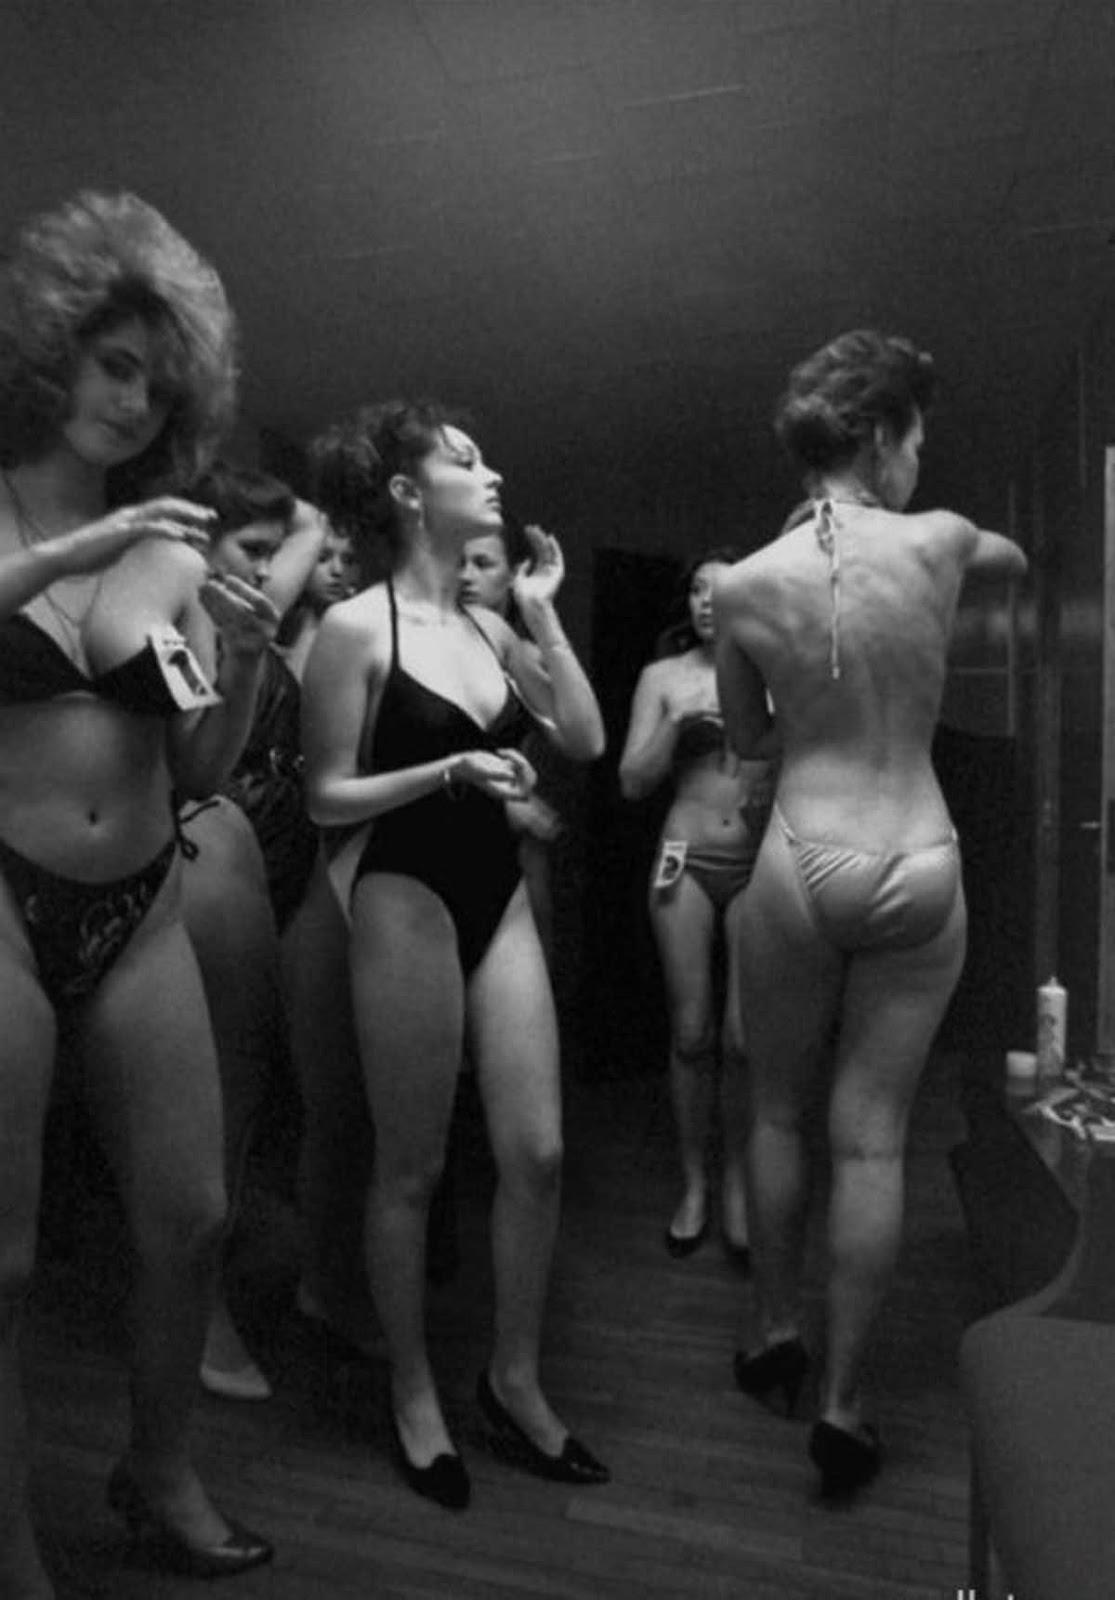 Primeiro concurso de beleza da União Soviética em 1988 07